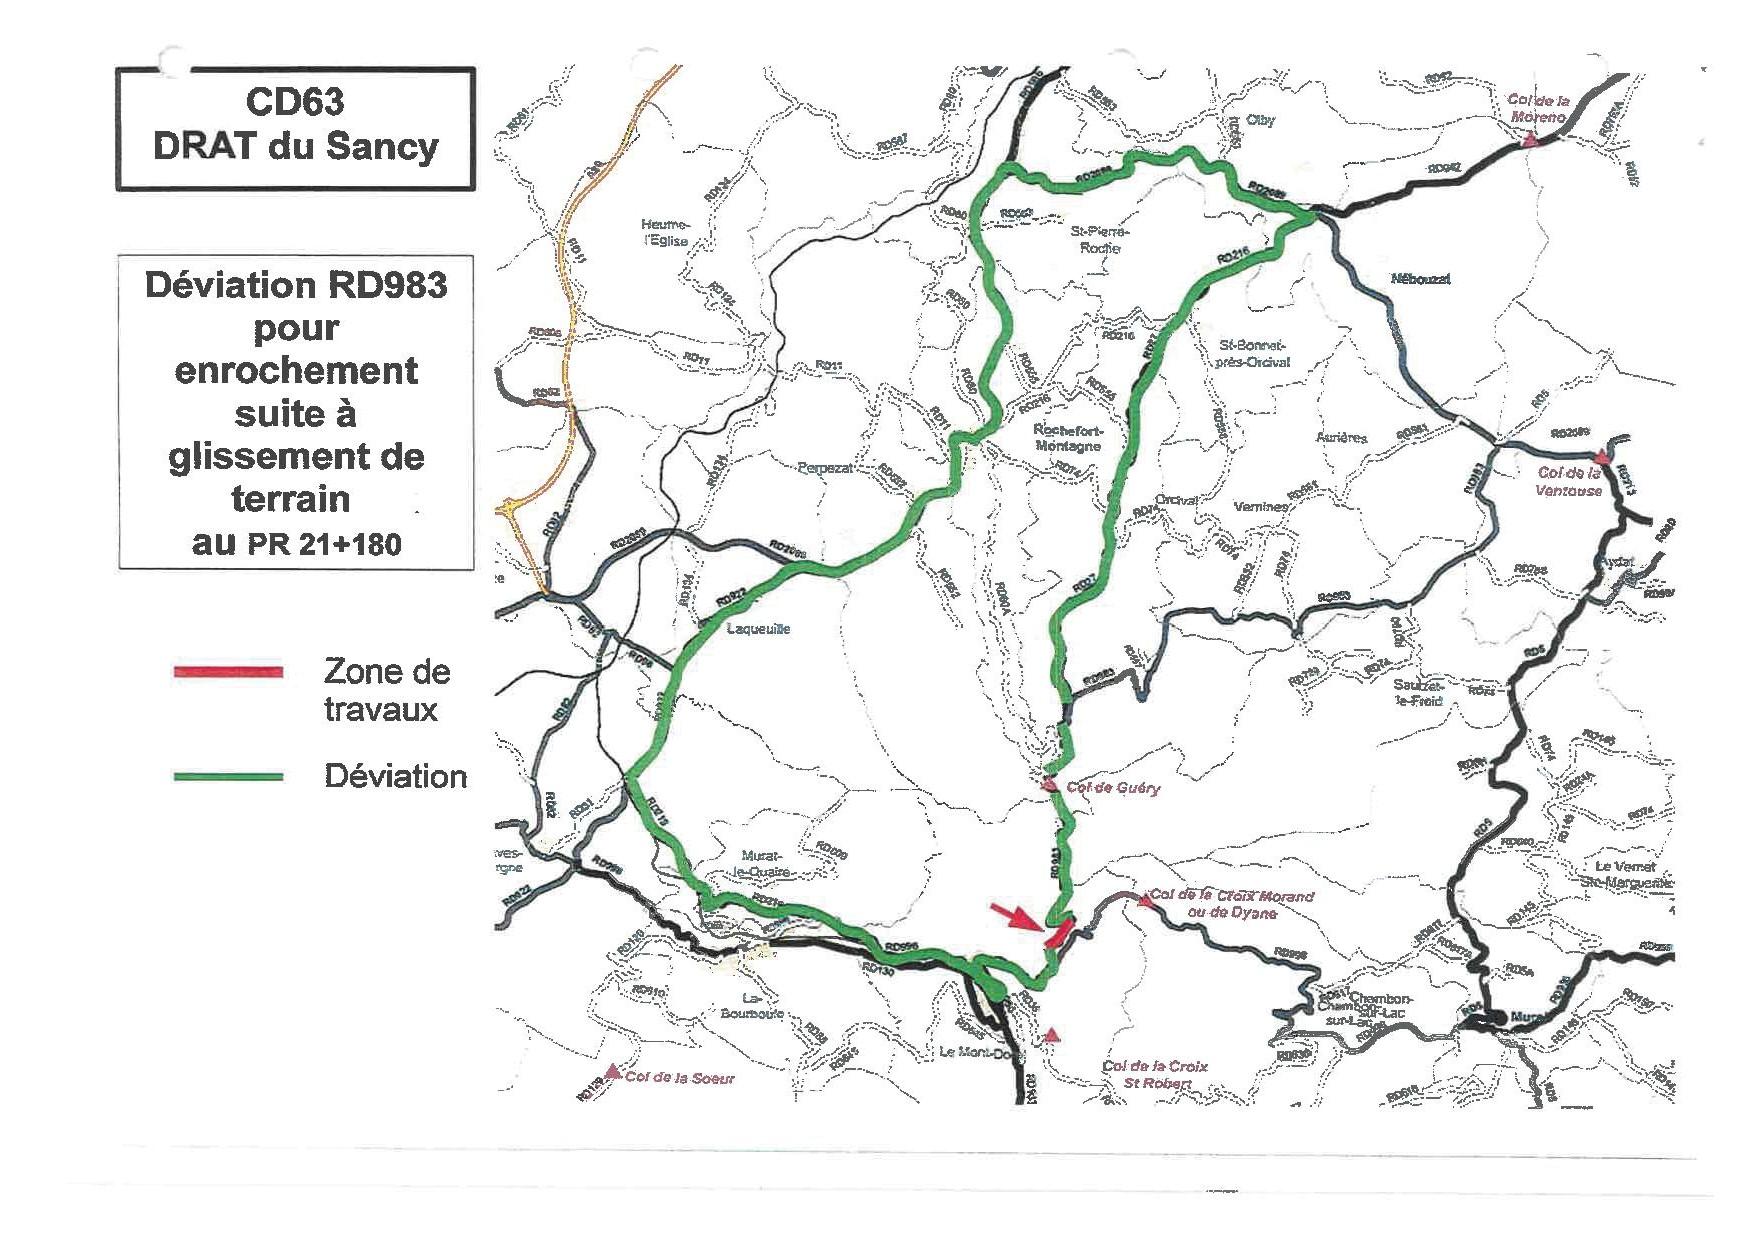 Plan déviation RD983.jpg